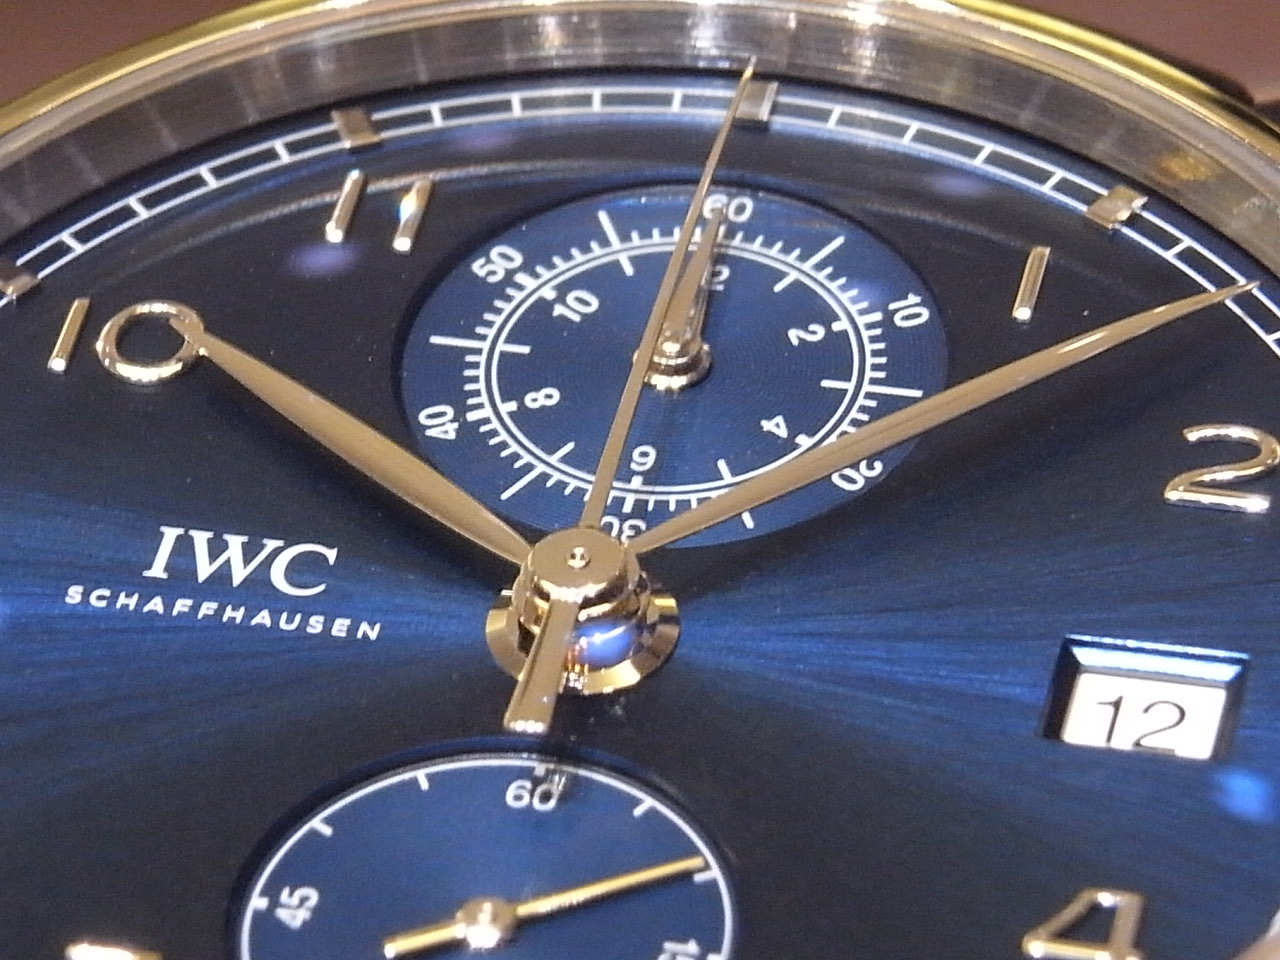 IWCの美しいブルー文字盤を採用した新作モデル「ポルトギーゼクロノグラフクラシック」が入荷しました。